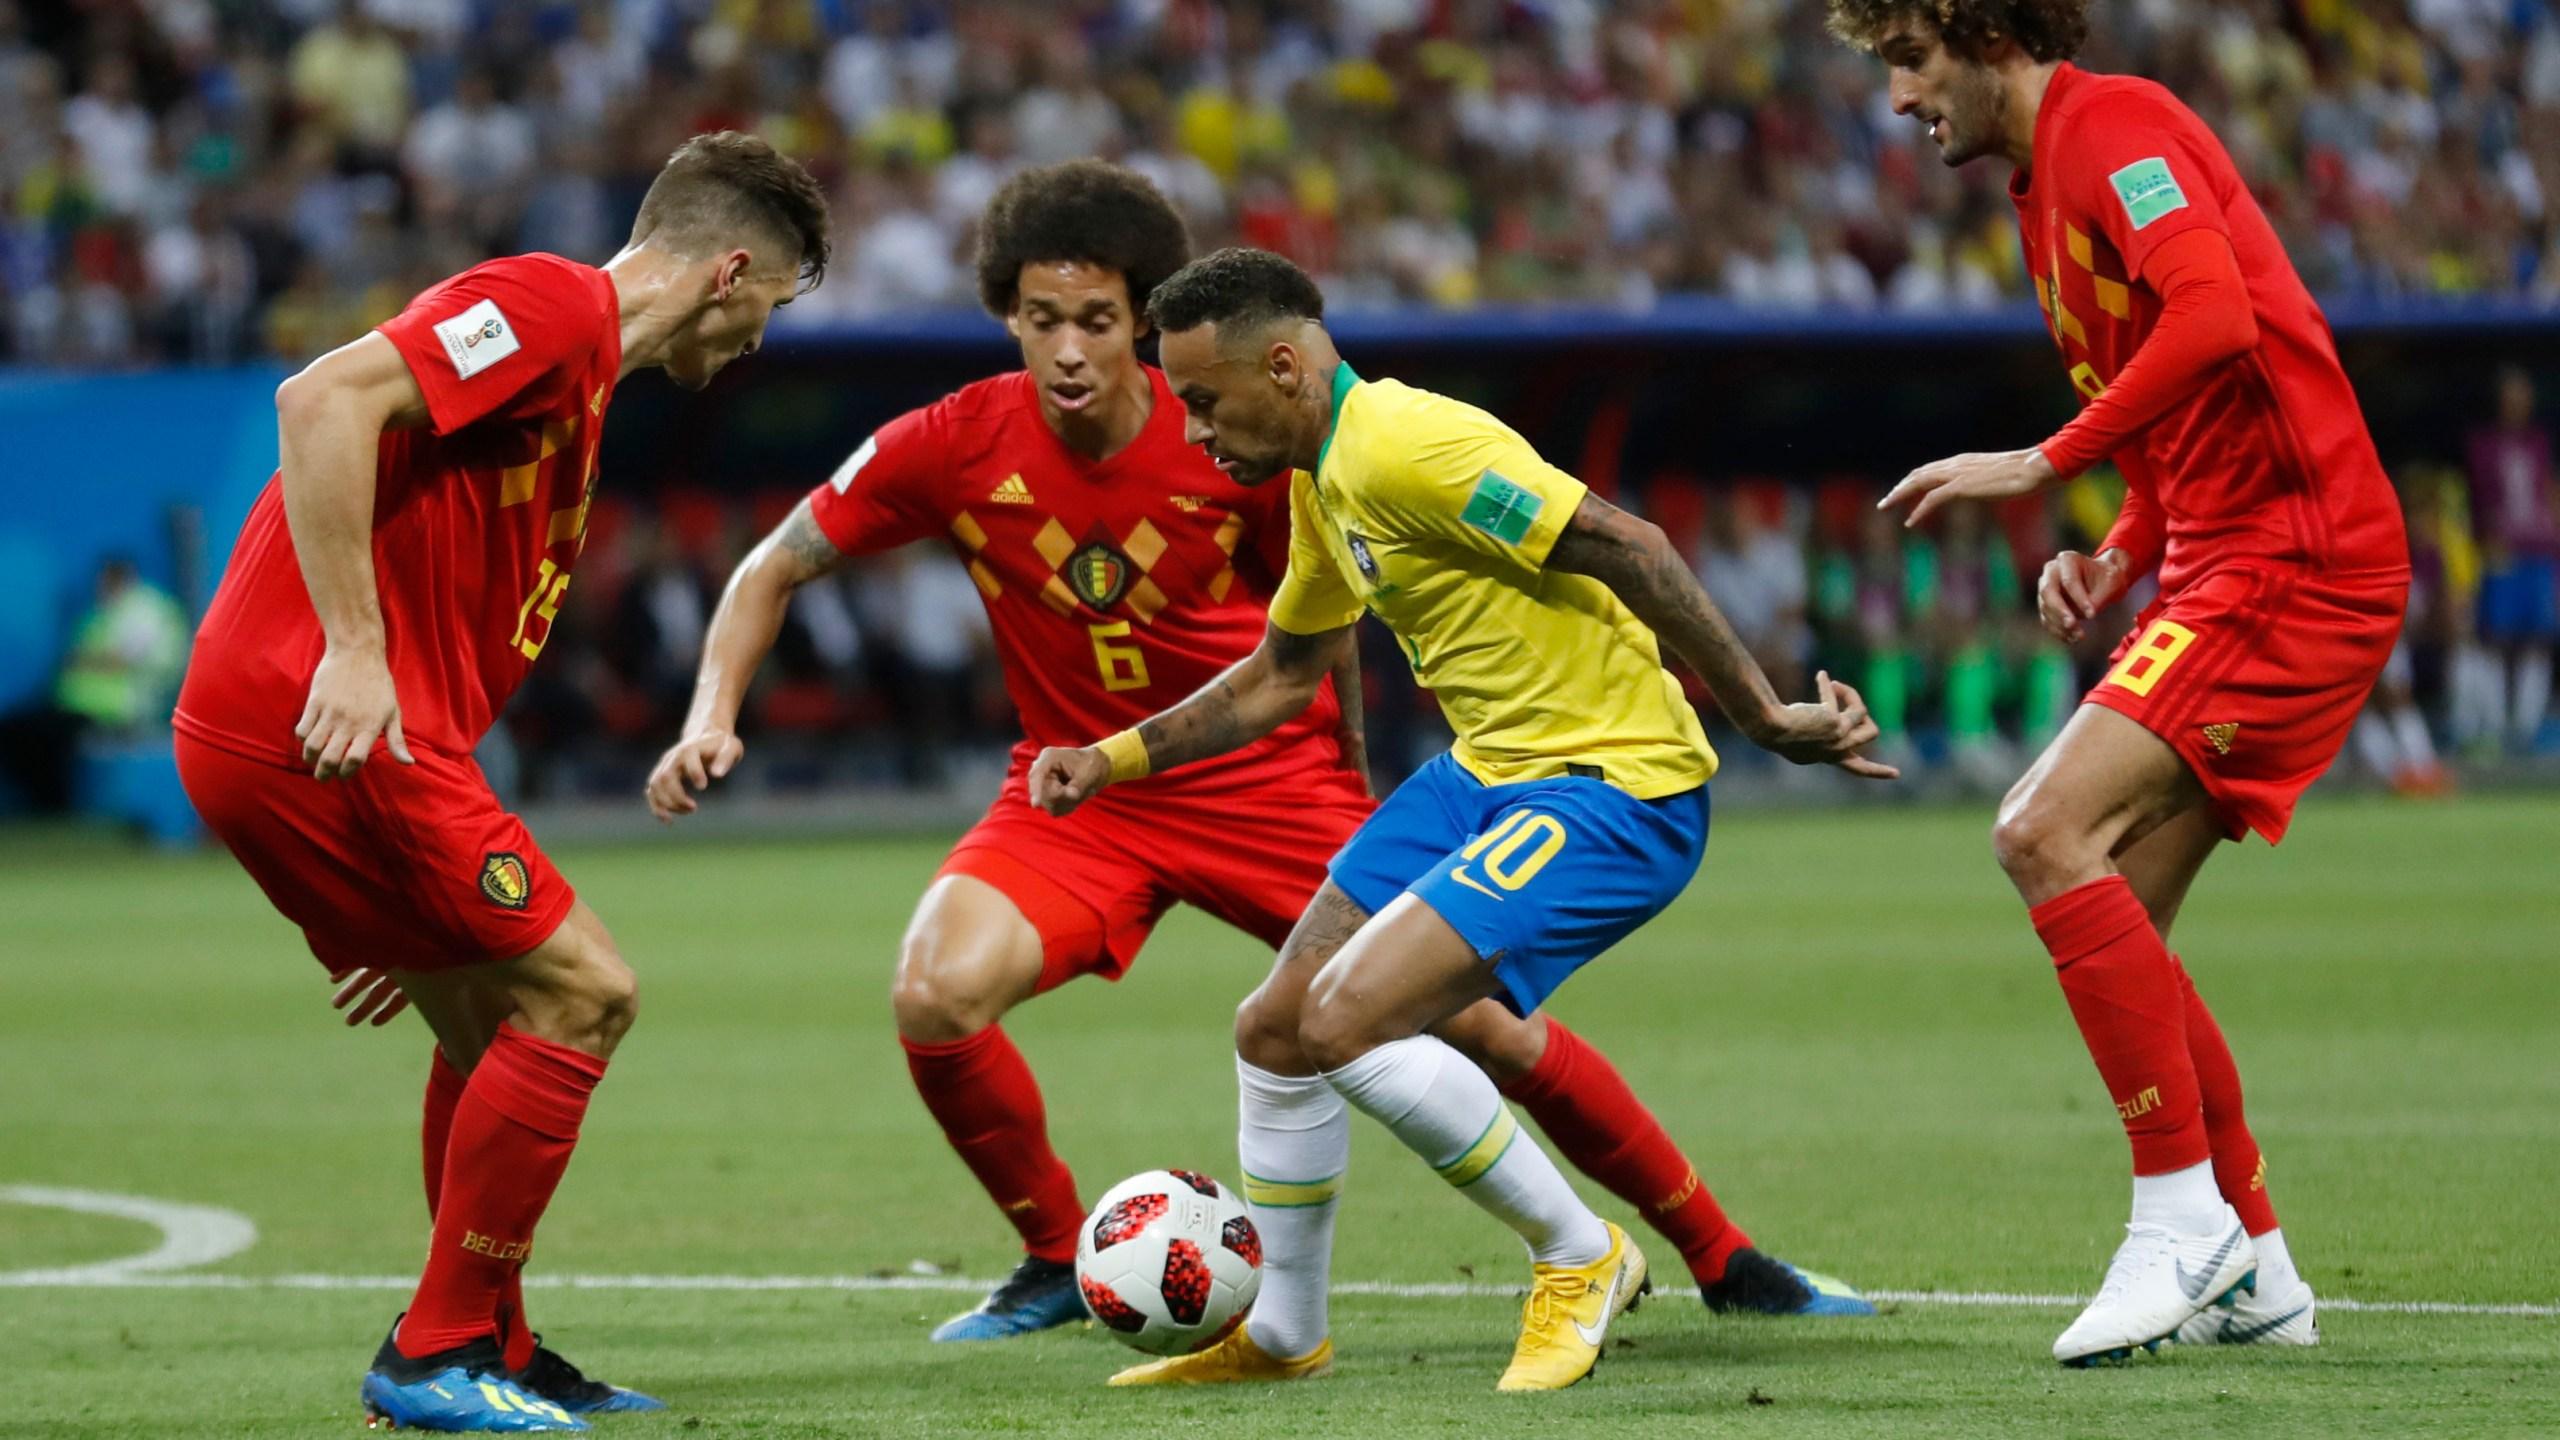 Russia Soccer WCup Brazil Belgium_1531184695115